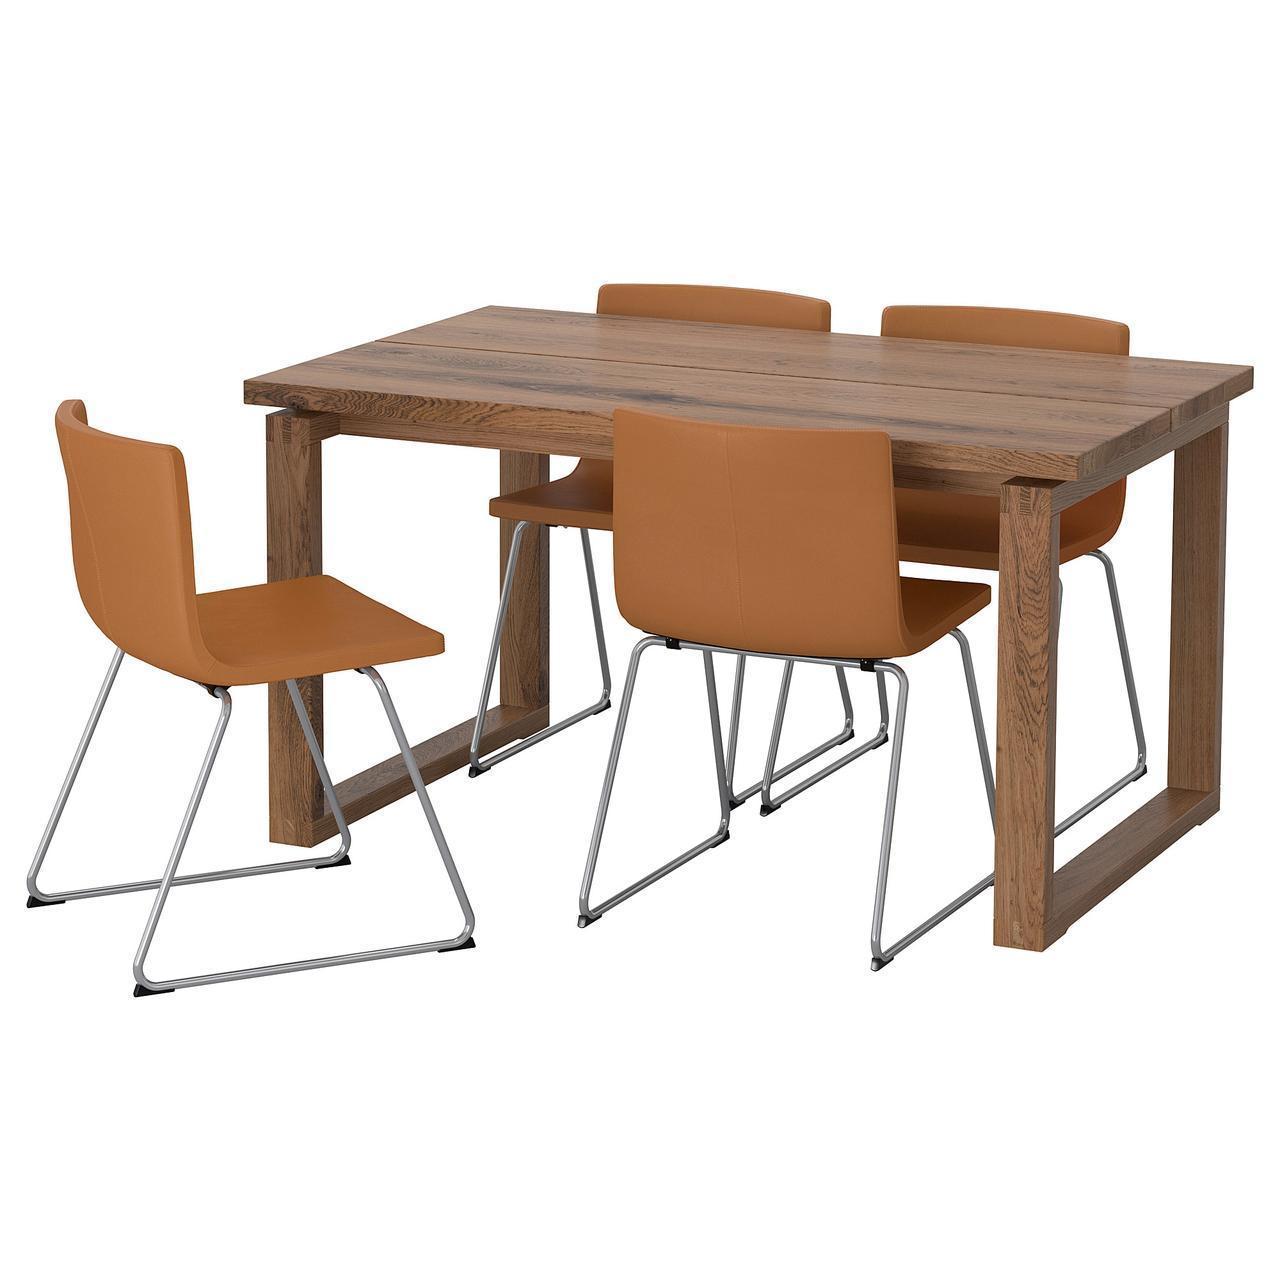 Комплект для кухни (стол и 4 стула) IKEA MÖRBYLÅNGA / BERNHARD 140x85 см Mjuk натуральный дуб 892.807.14